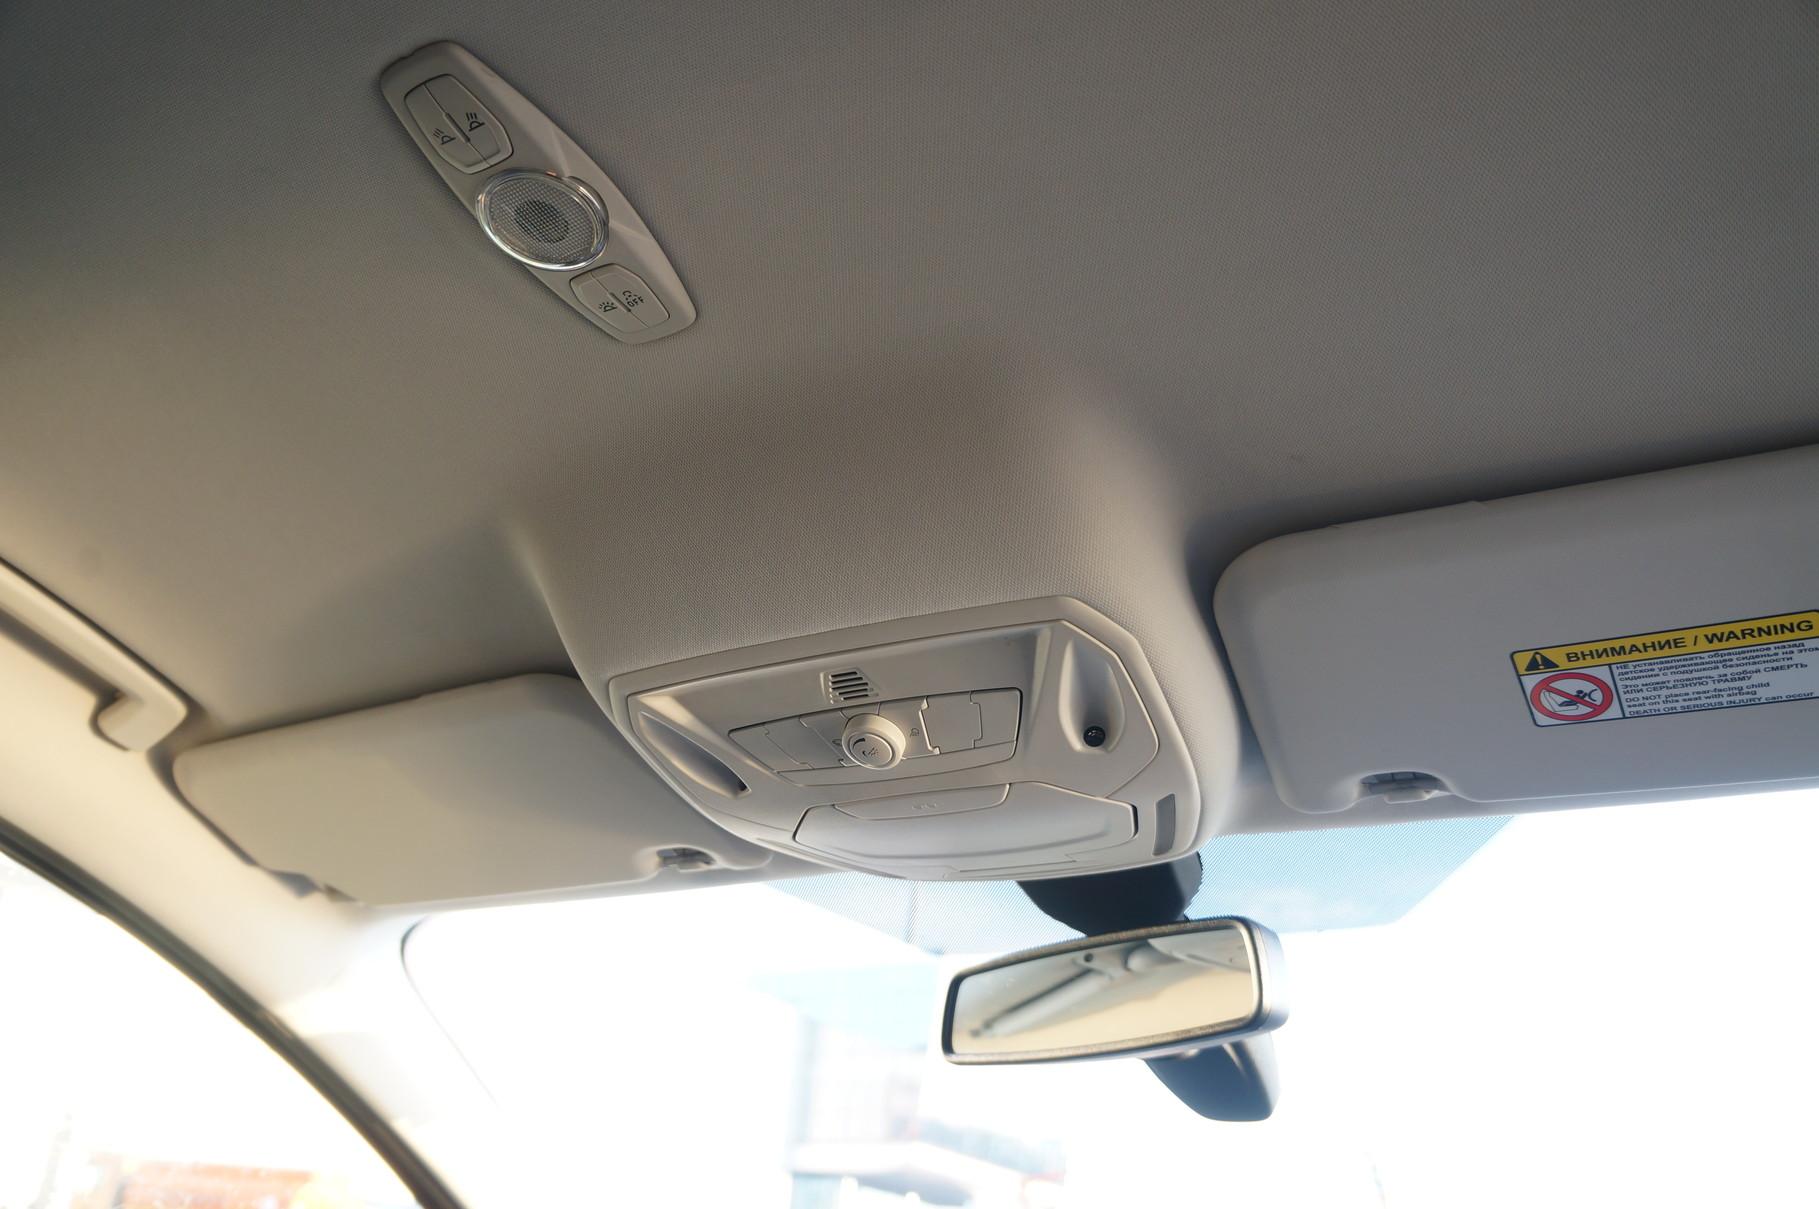 Барашка под потолком регулирует яркость освещения салона - в машине сталкиваюсь с такой функцией впервые